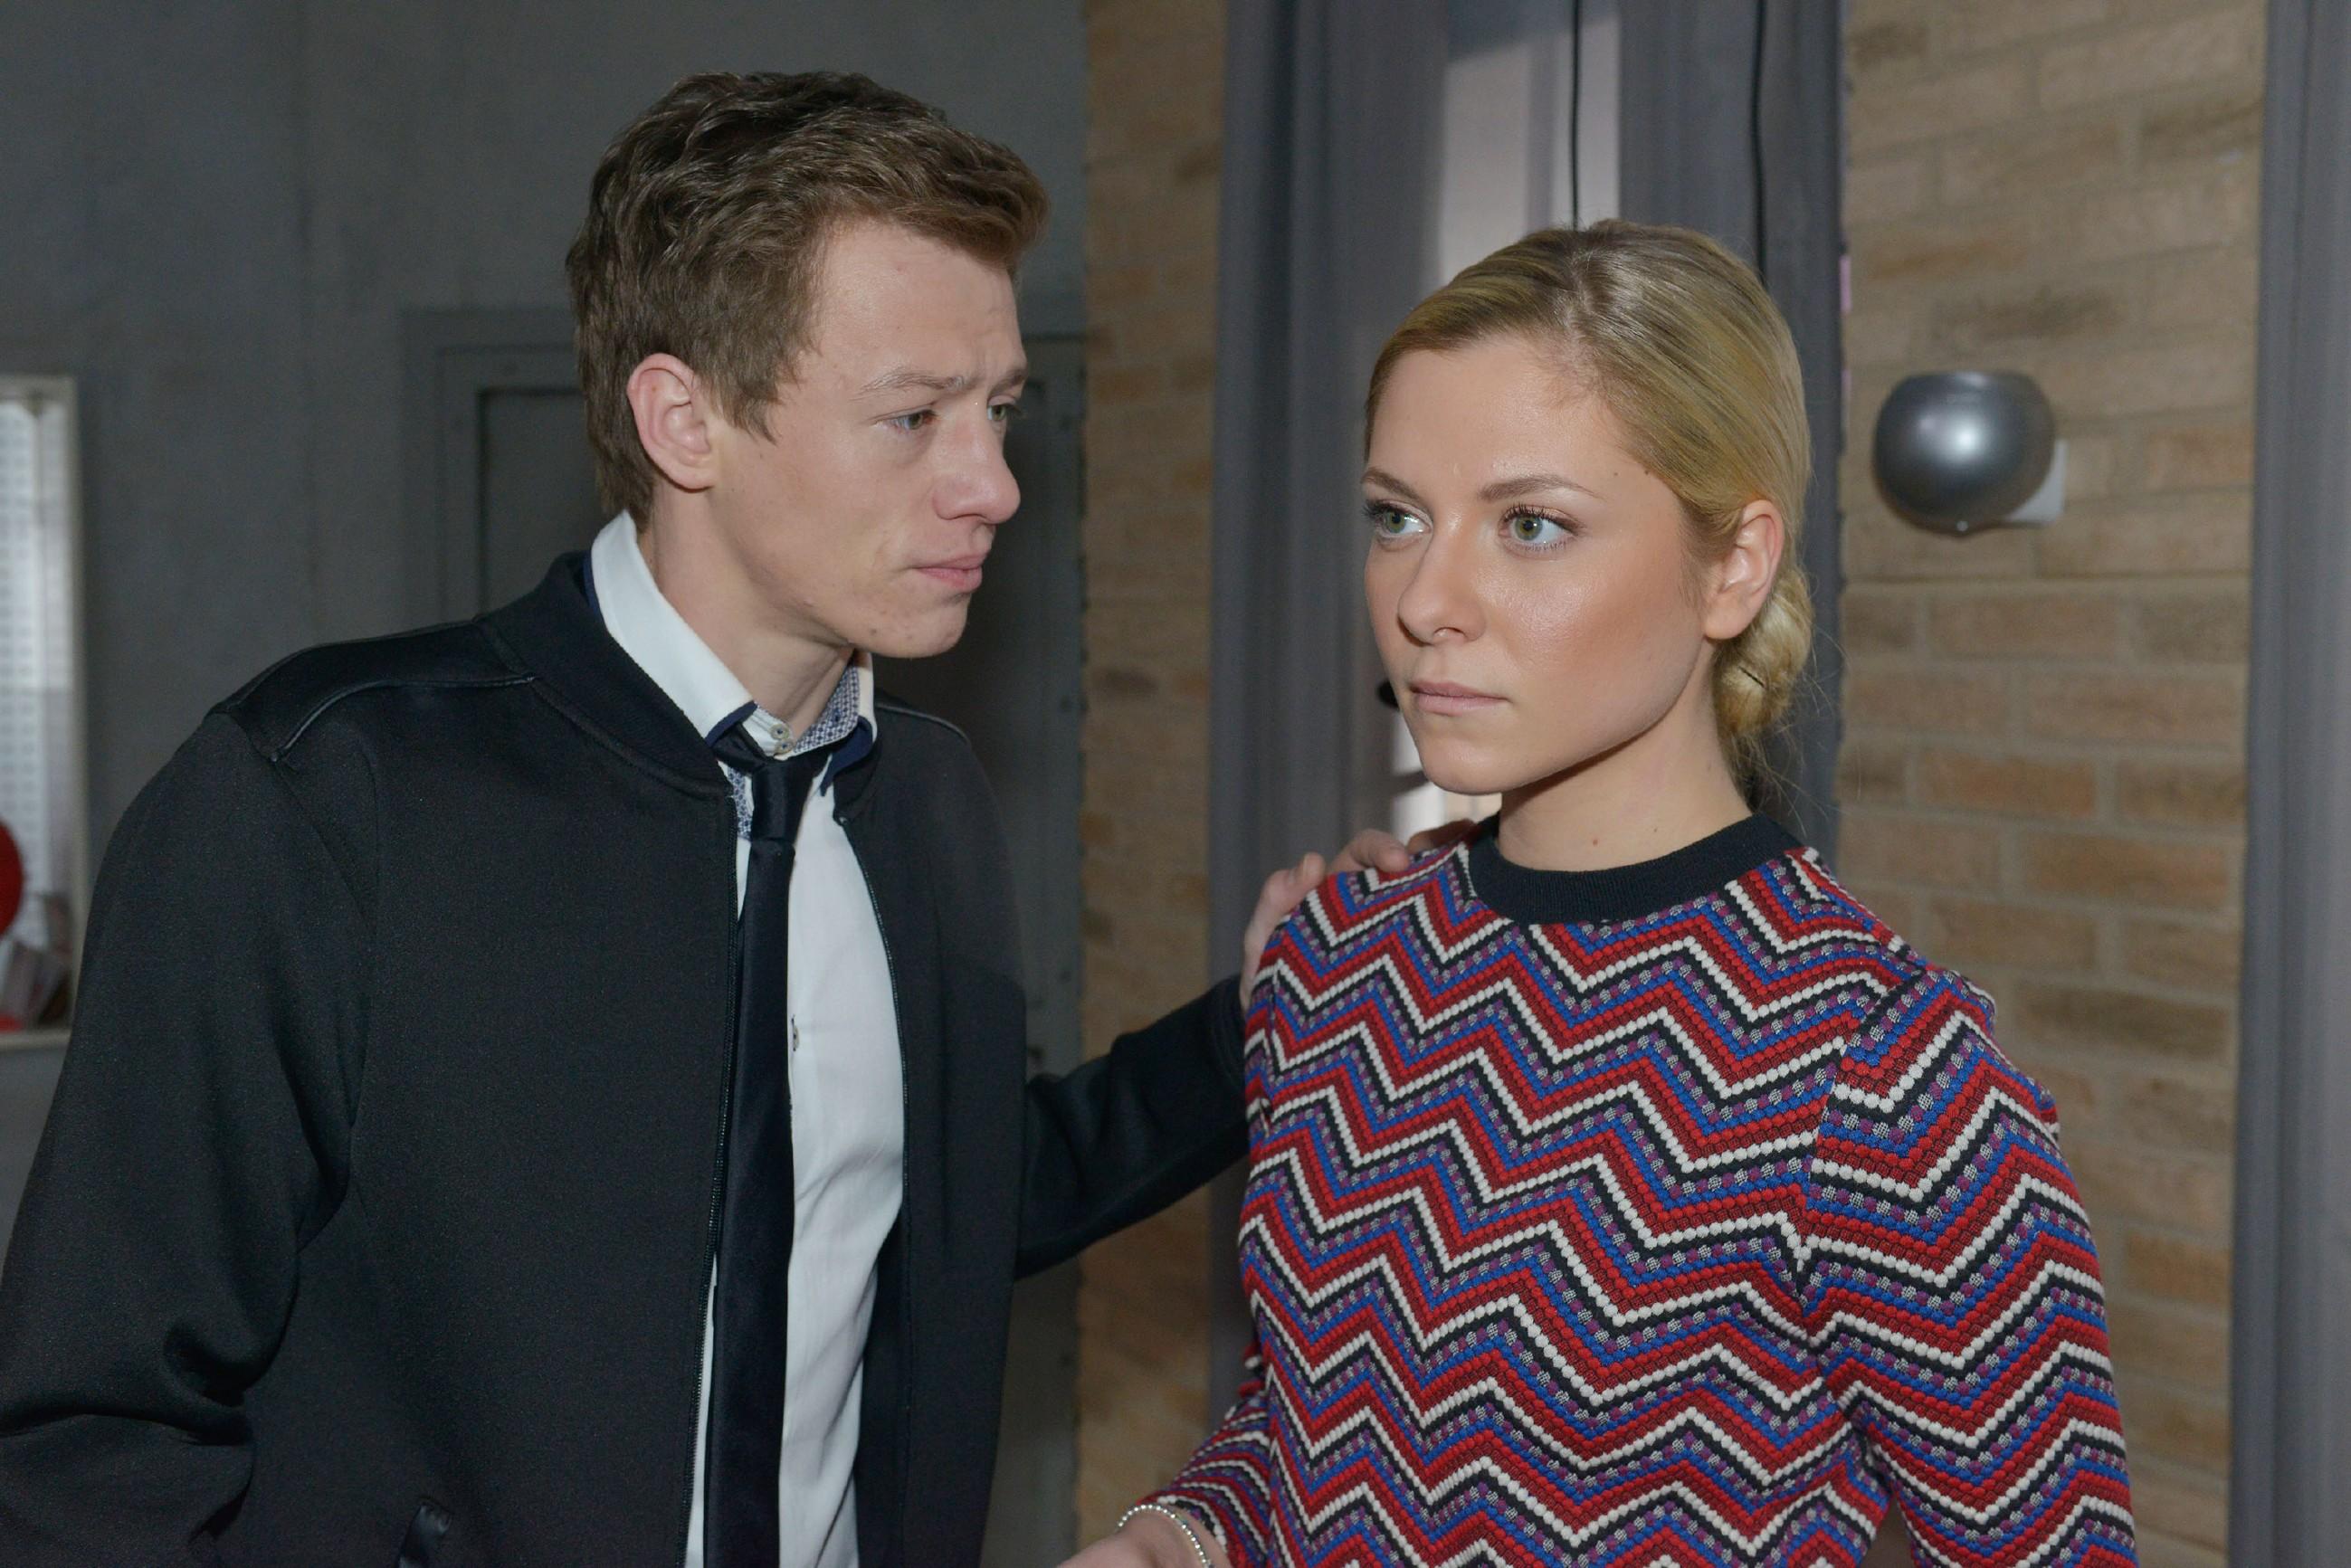 Vince (Vincent Krüger) erklärt Sunny (Valentina Pahde), dass er seine schwierige Vergangenheit nicht für PR-Zwecke nutzen möchte.